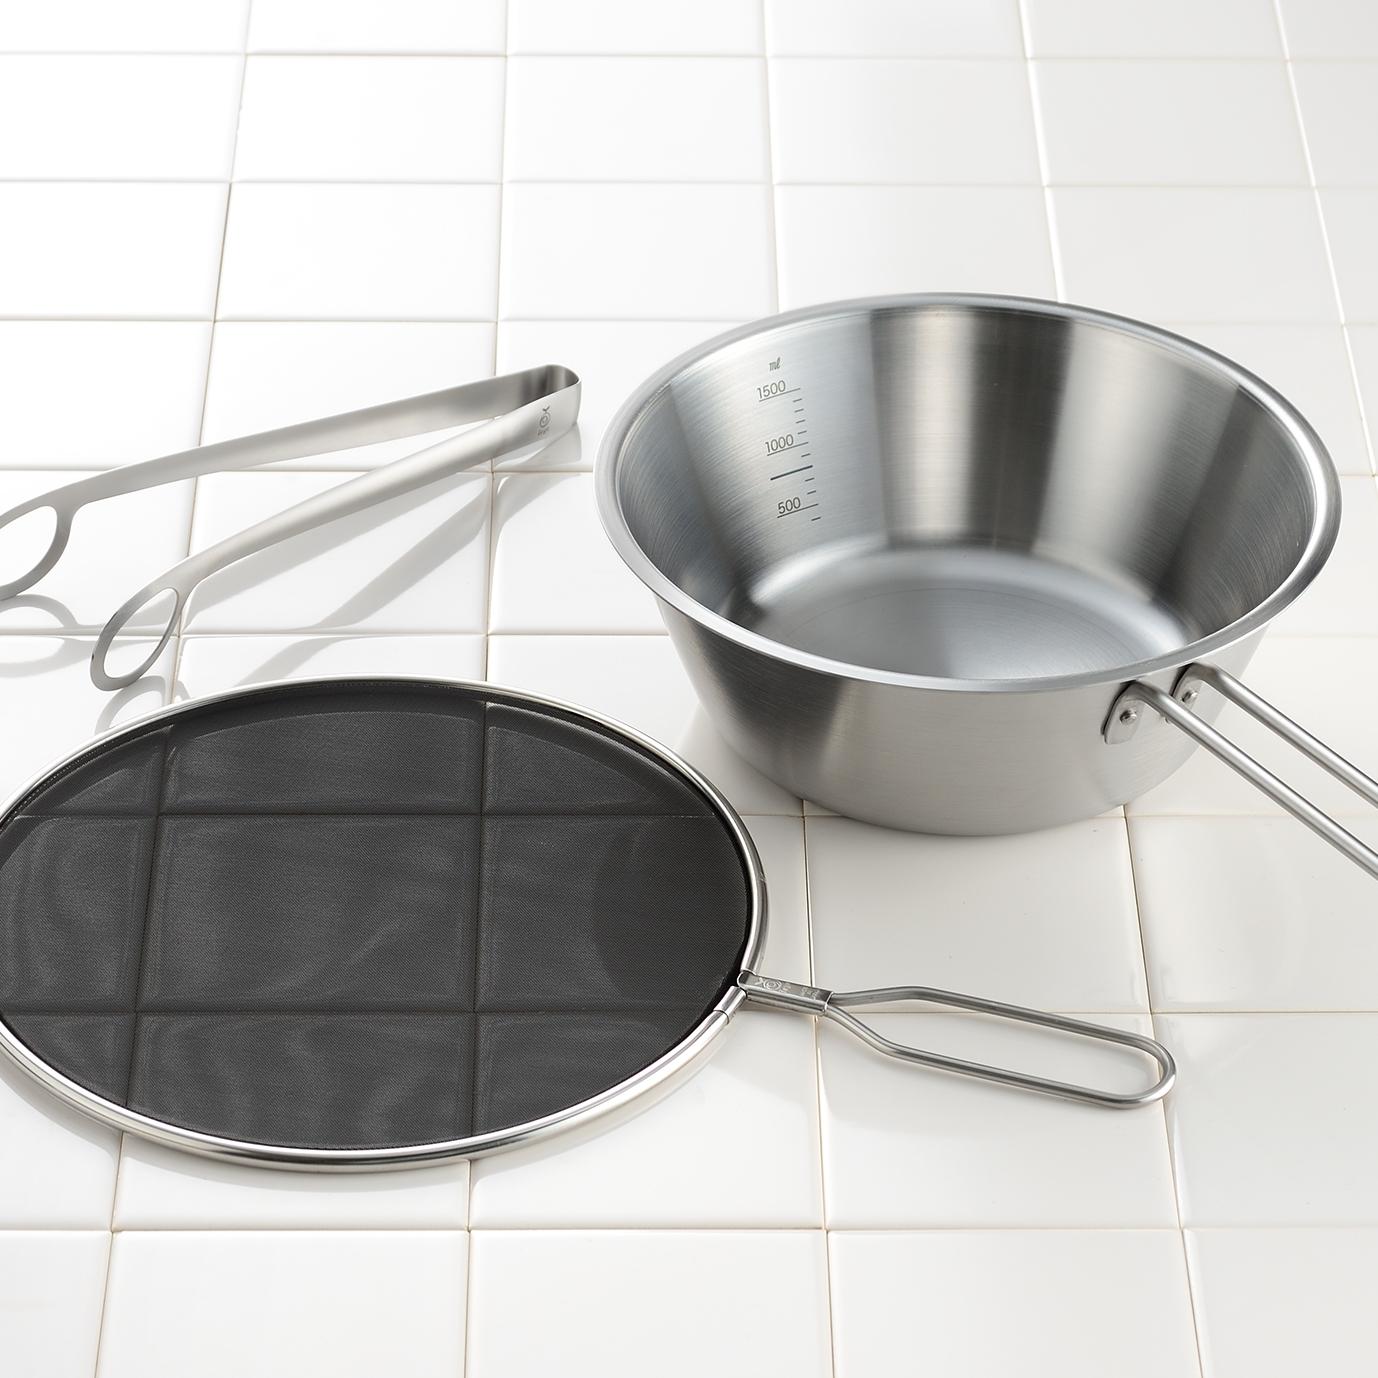 メッシュ蓋で油ハネを防ぐオイルパン トング付